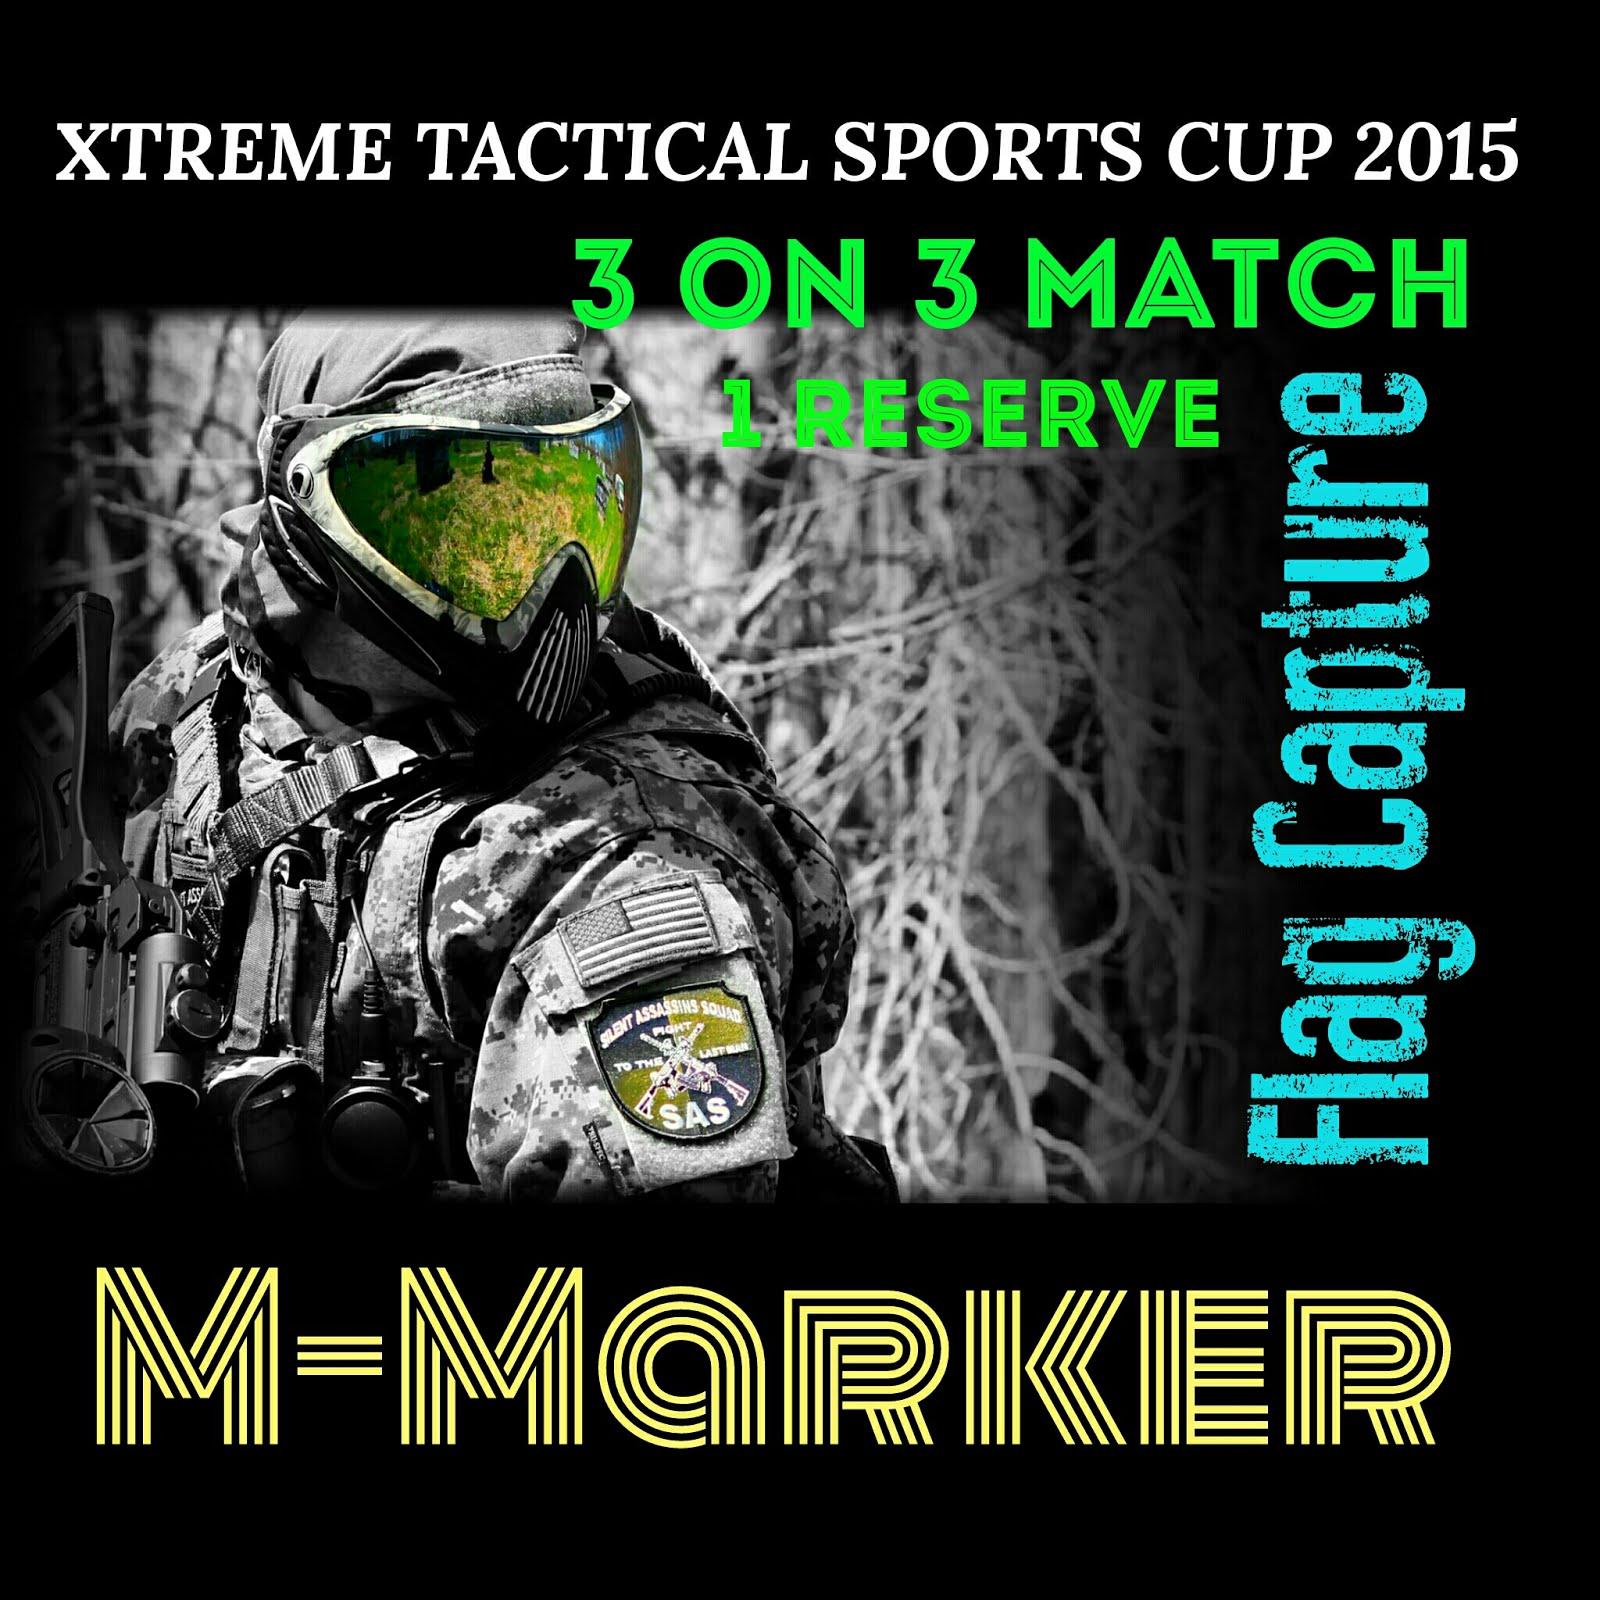 XTS CUP 2015